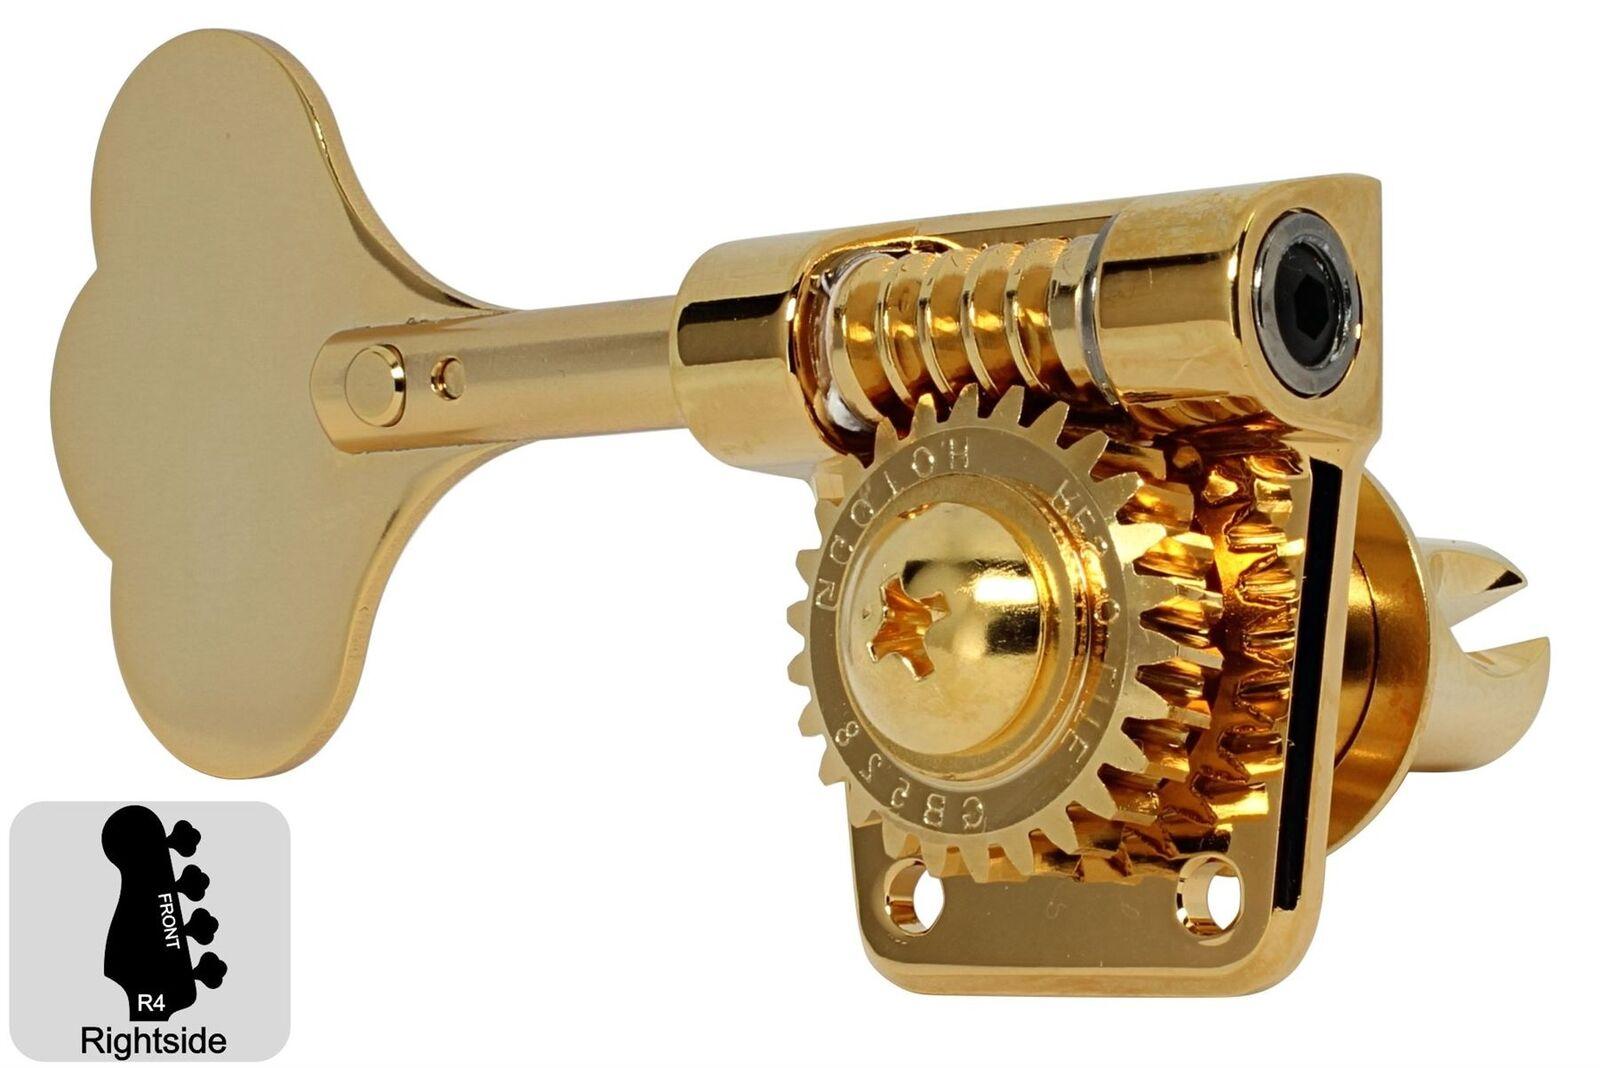 GOTOH GB528 res-o-lite bajo máquinas de afinación afinación afinación sintonizadores - 4R-Dorado 15c66e